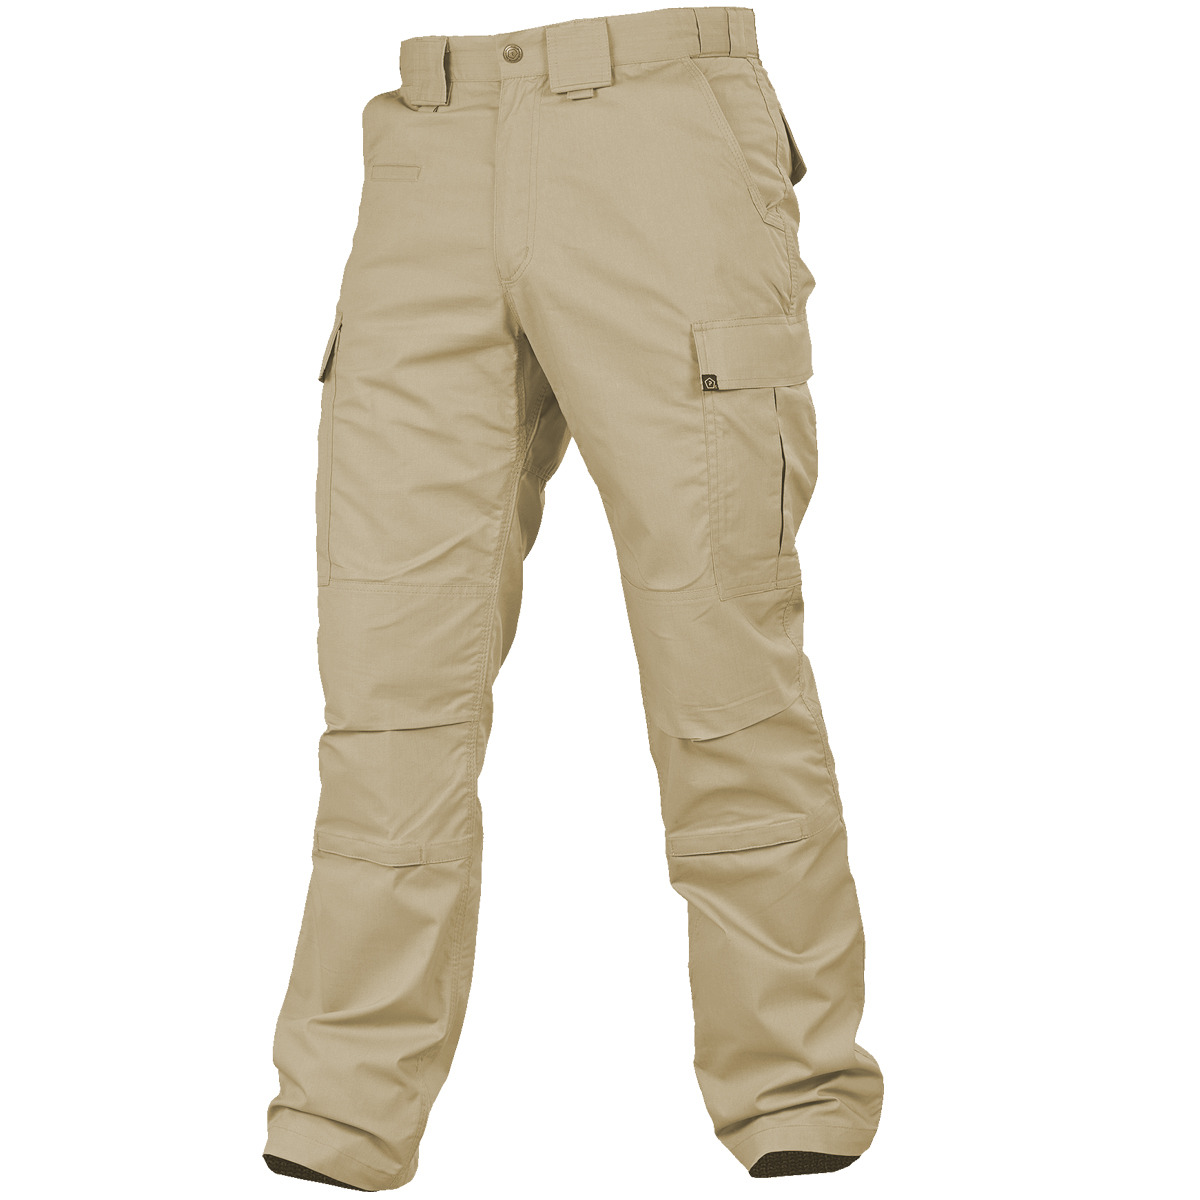 Pentagon T-BDU Pants Tactical Mens Cargo Patrol Airsoft ...